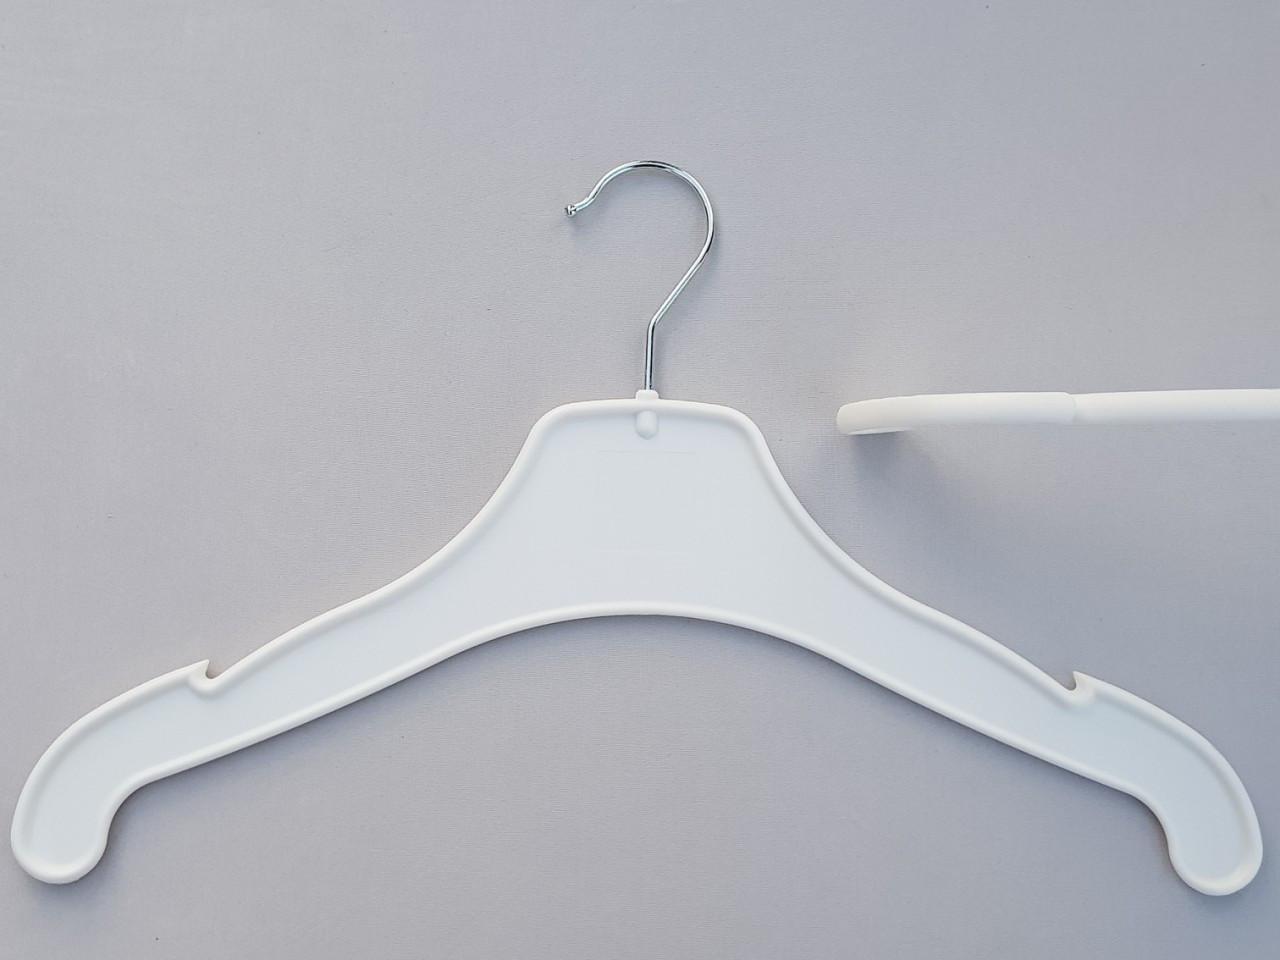 Длина 42 см. Плечики вешалки пластмассовые V-VK42 белого цвета